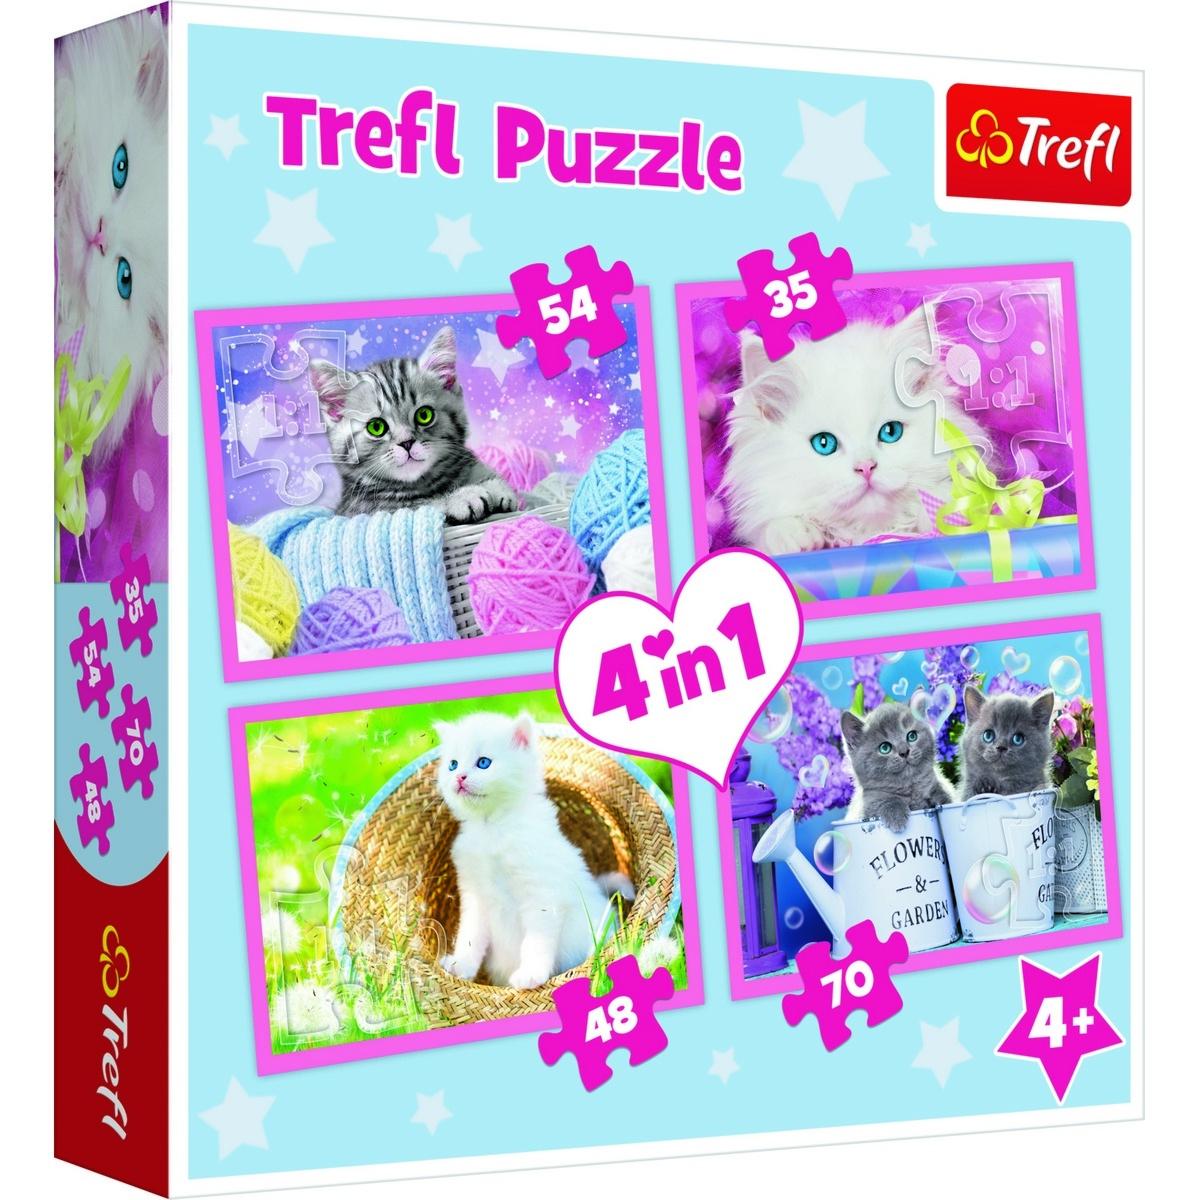 Trefl Puzzle Hravá koťata 4v1 (35,48,54,70 dílků)